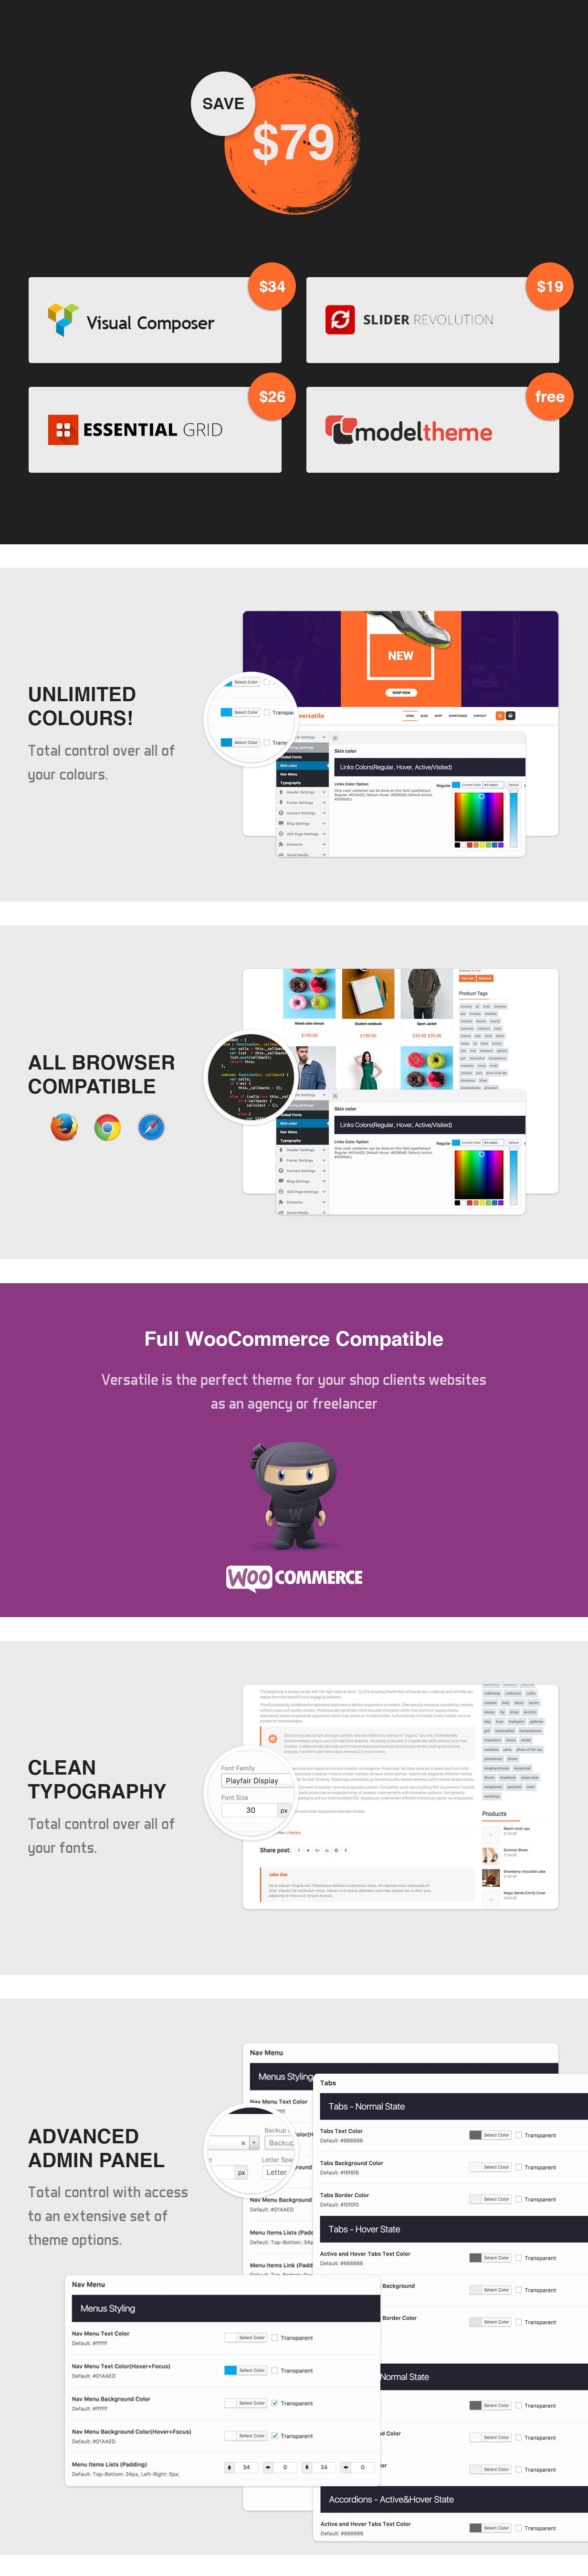 Vielseitig einsetzbar - Mehrzweck-WooCommerce-WordPress-Layout - 5